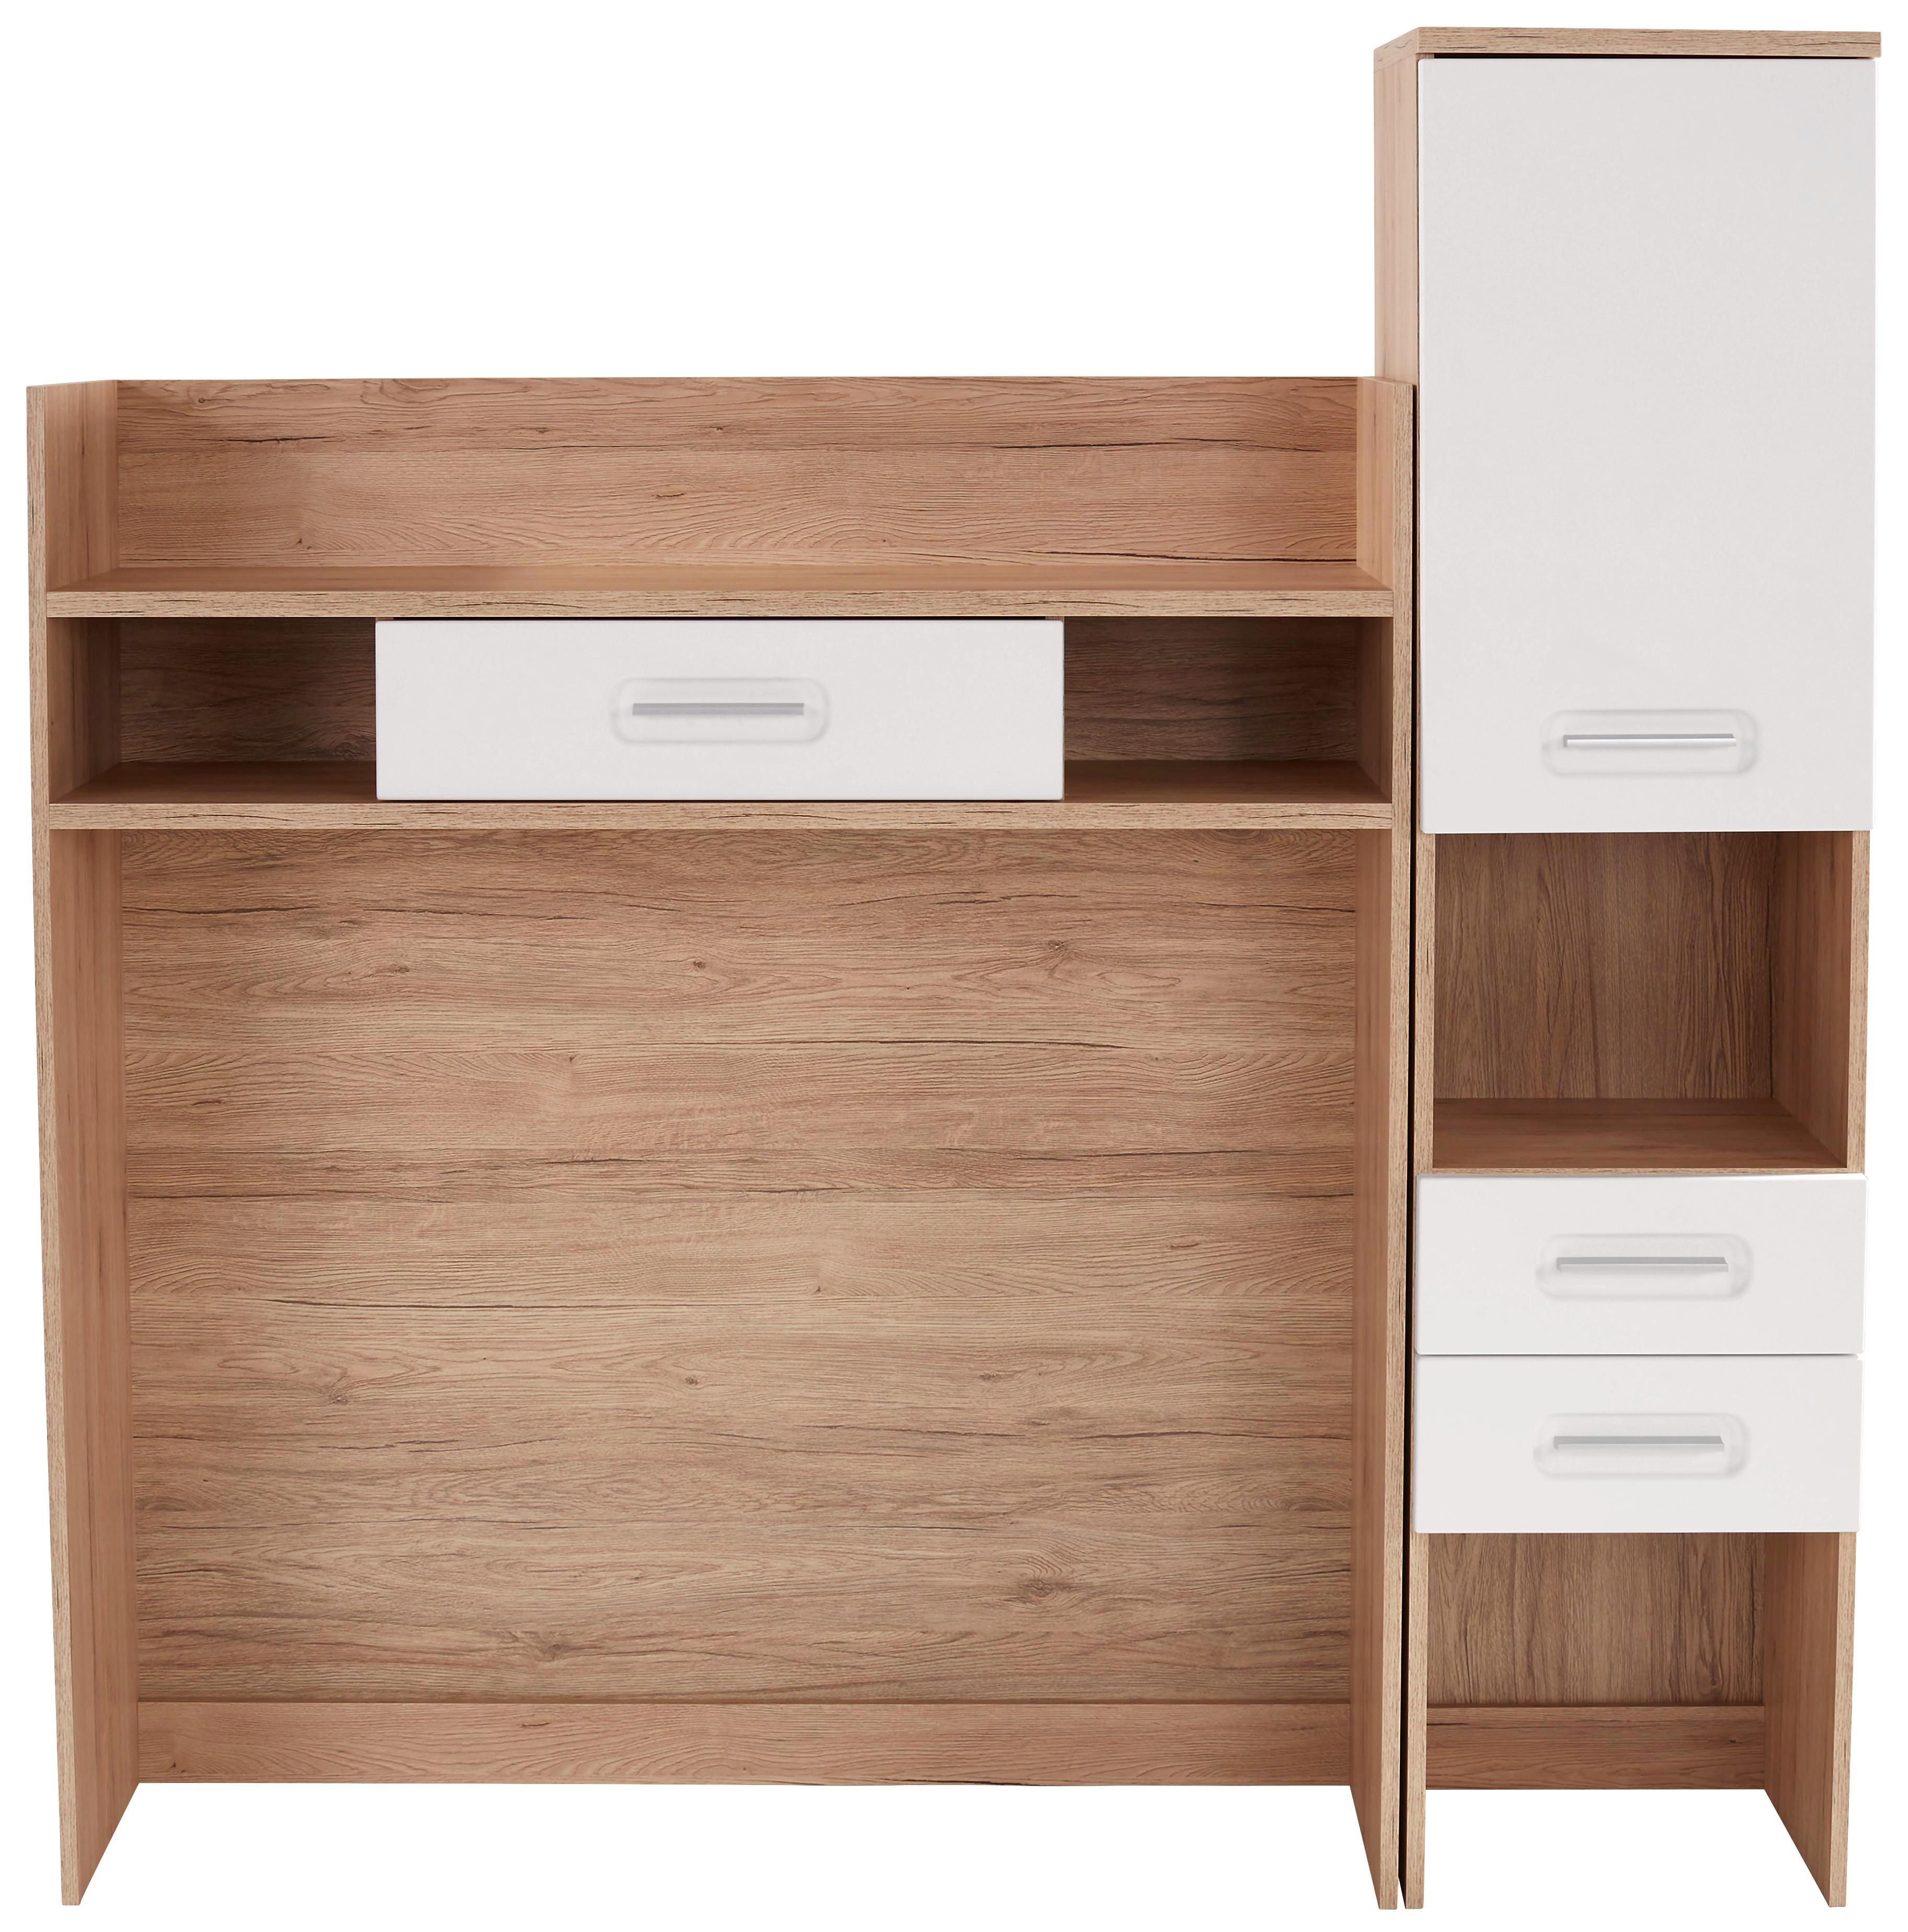 Tv-rátét Livorno New - tölgy színű/fehér, konvencionális, faanyagok (160/166/38cm)